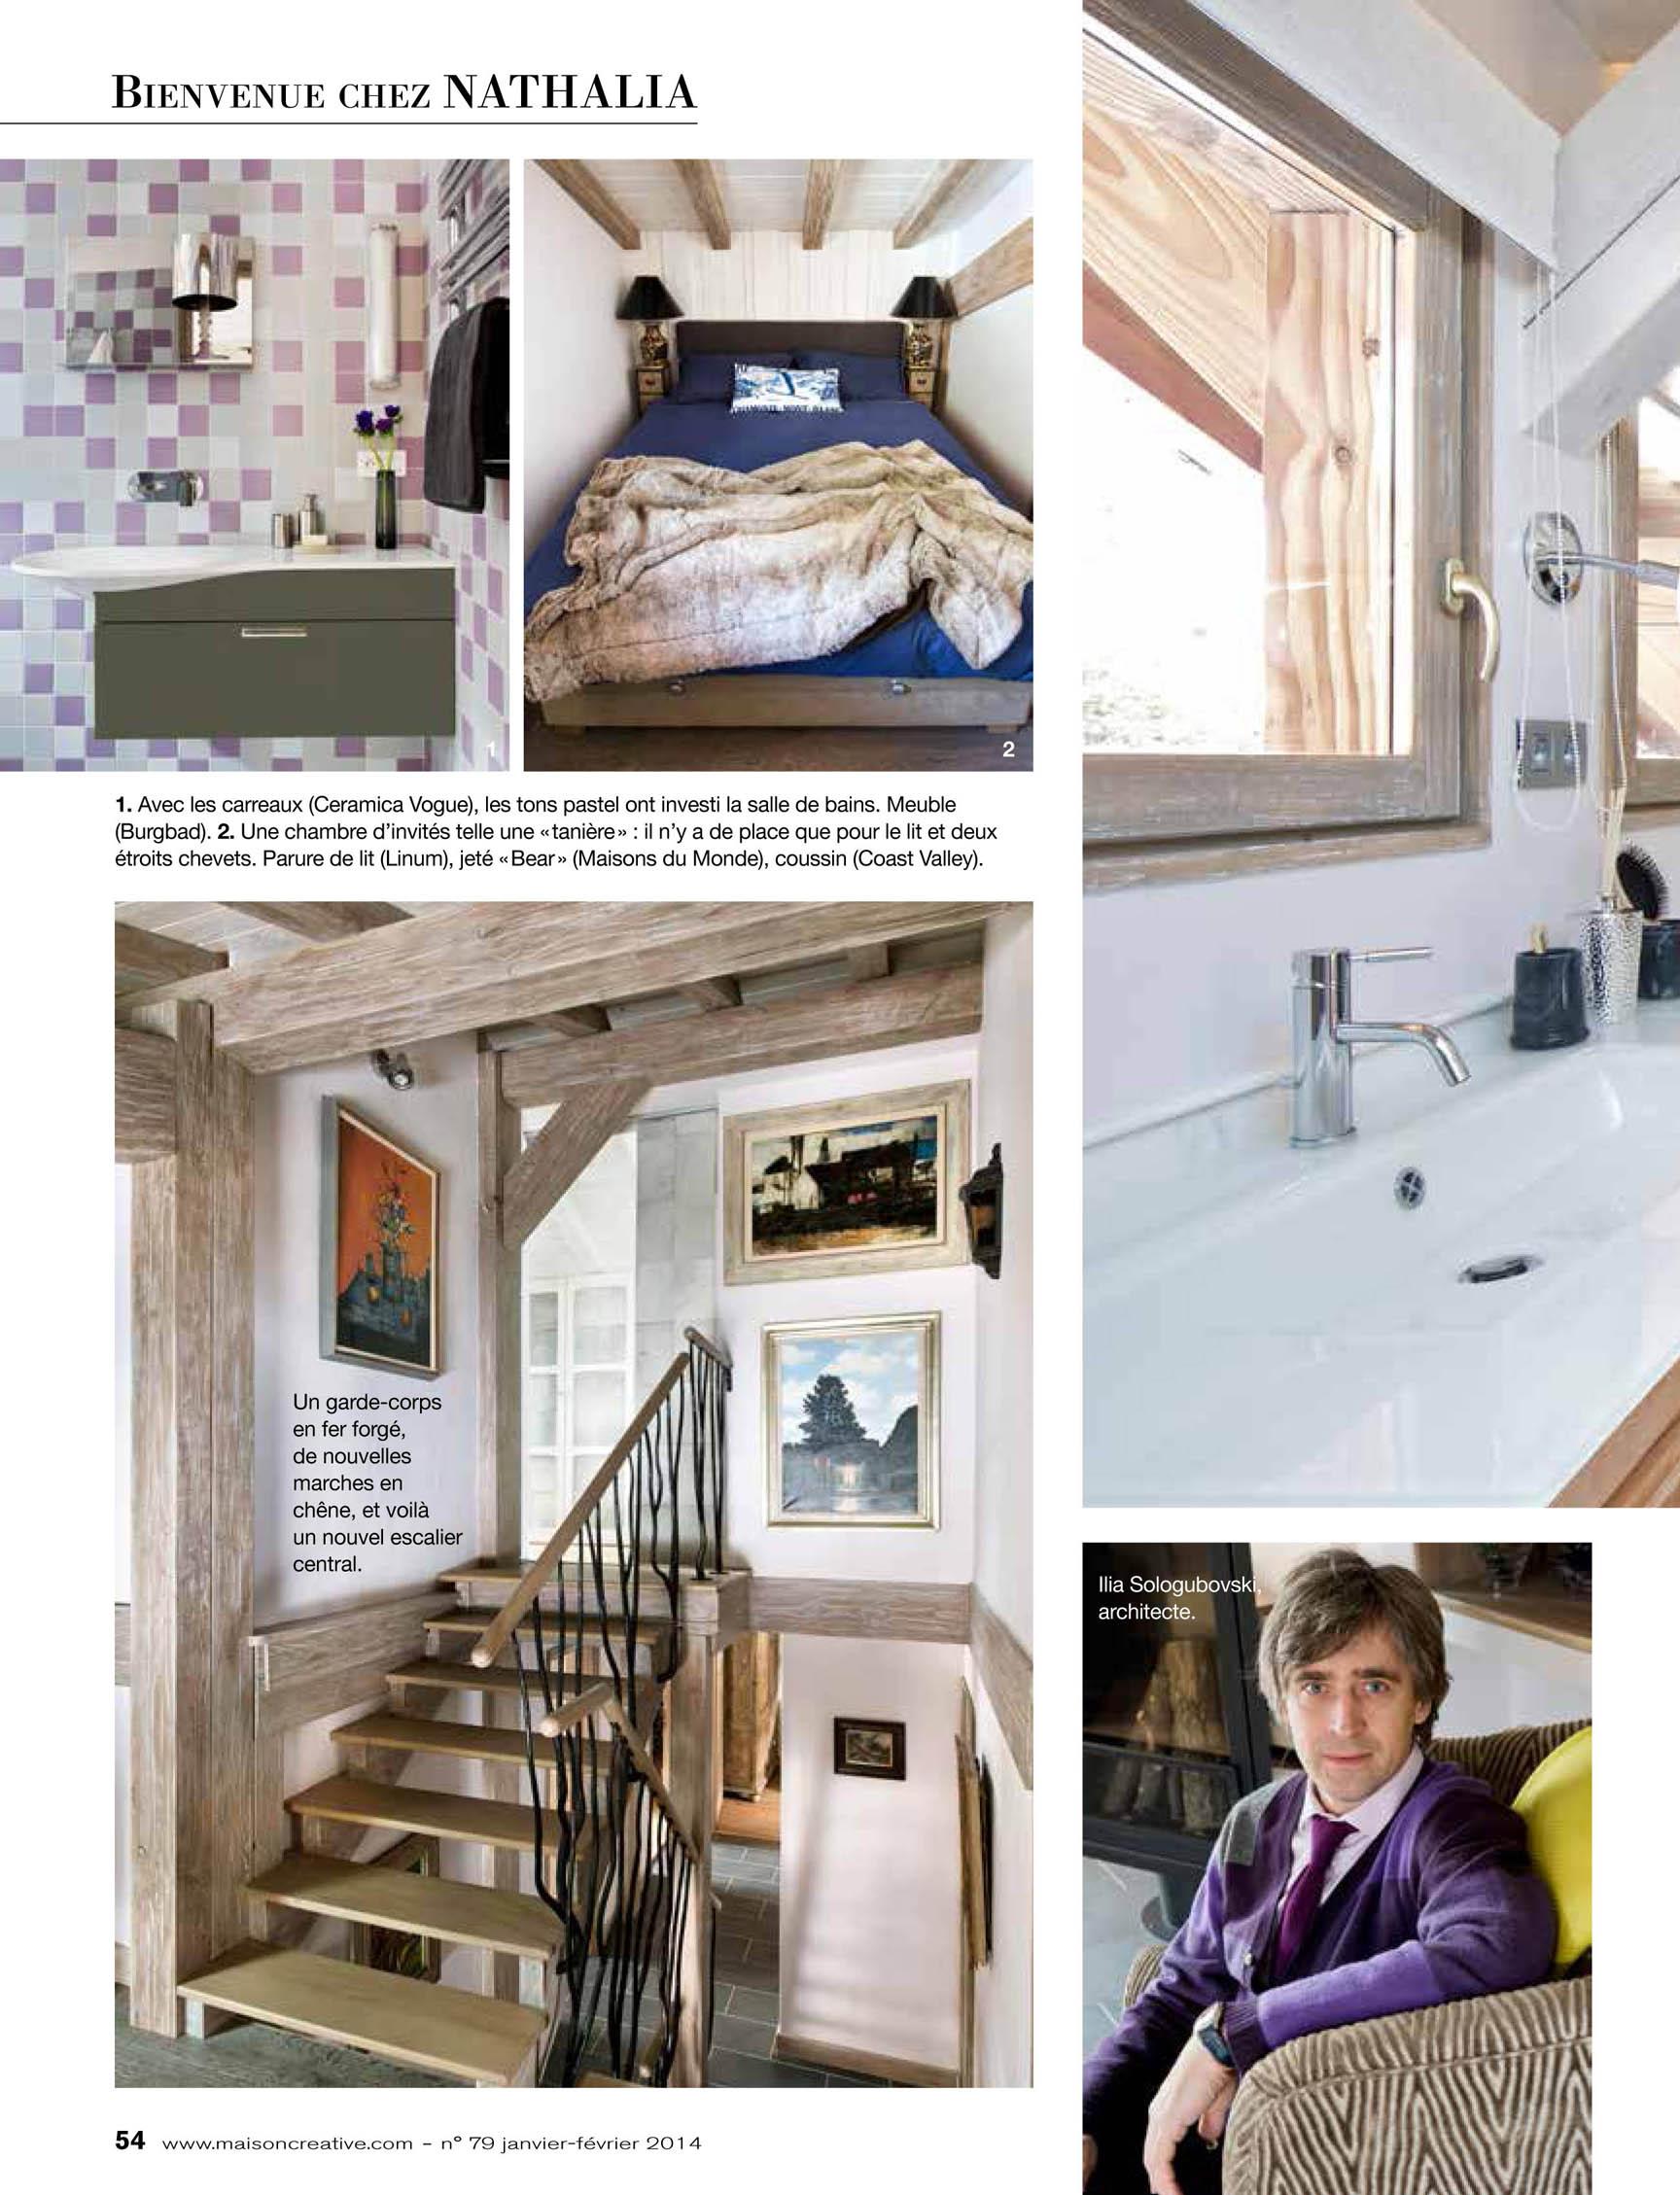 maison creativ best maison creative haus und garten ueue with maison creativ finest loading. Black Bedroom Furniture Sets. Home Design Ideas